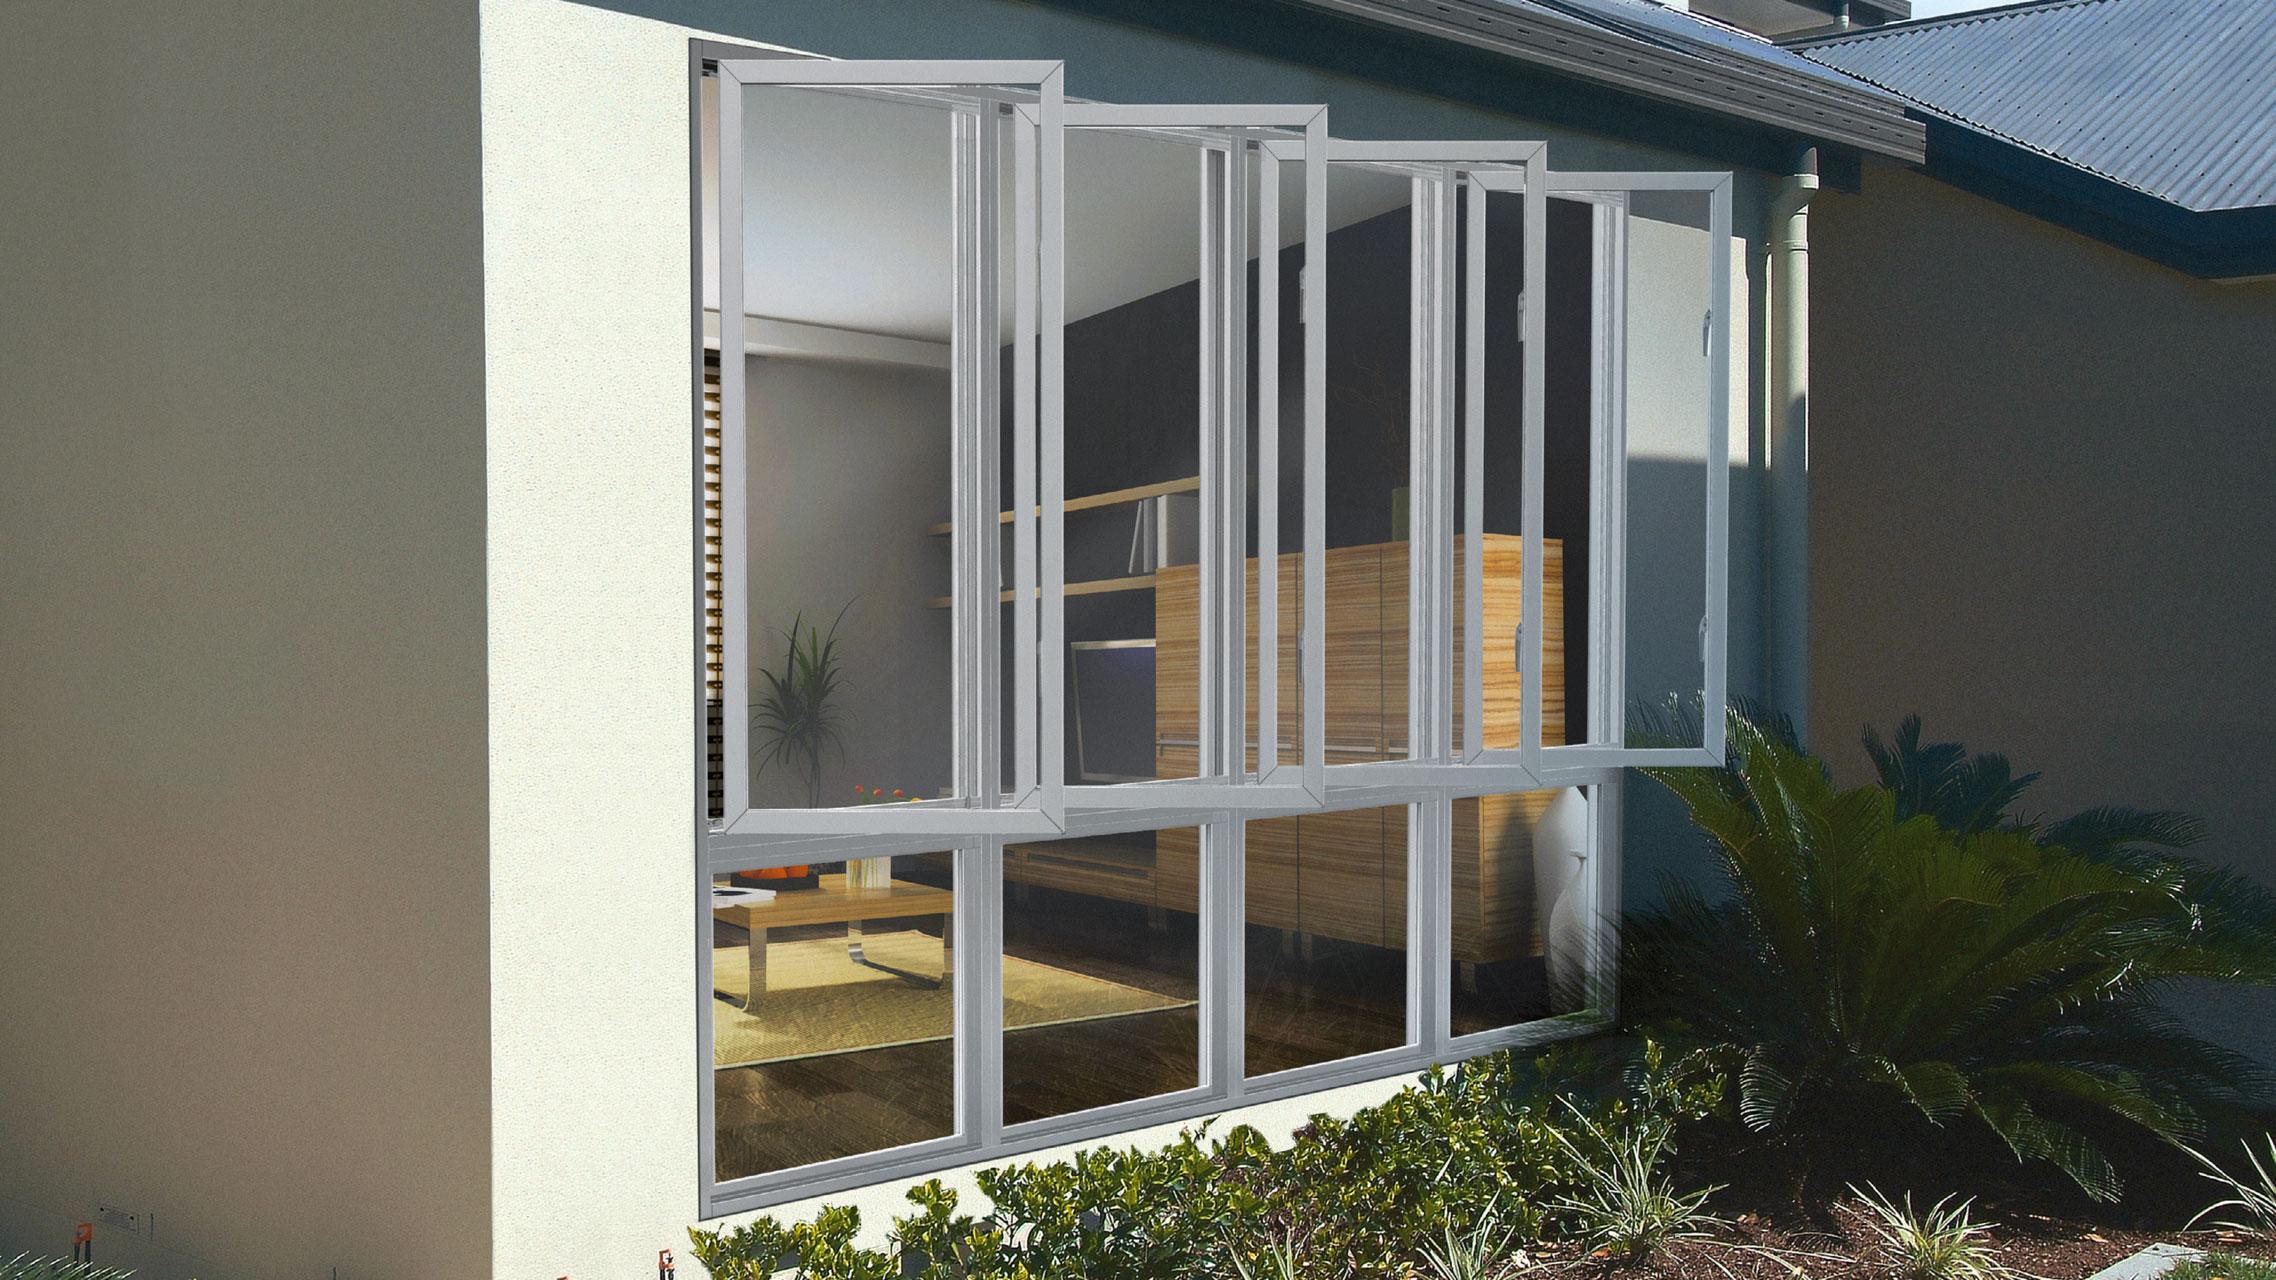 White Aluminium Casement Windows with low lites